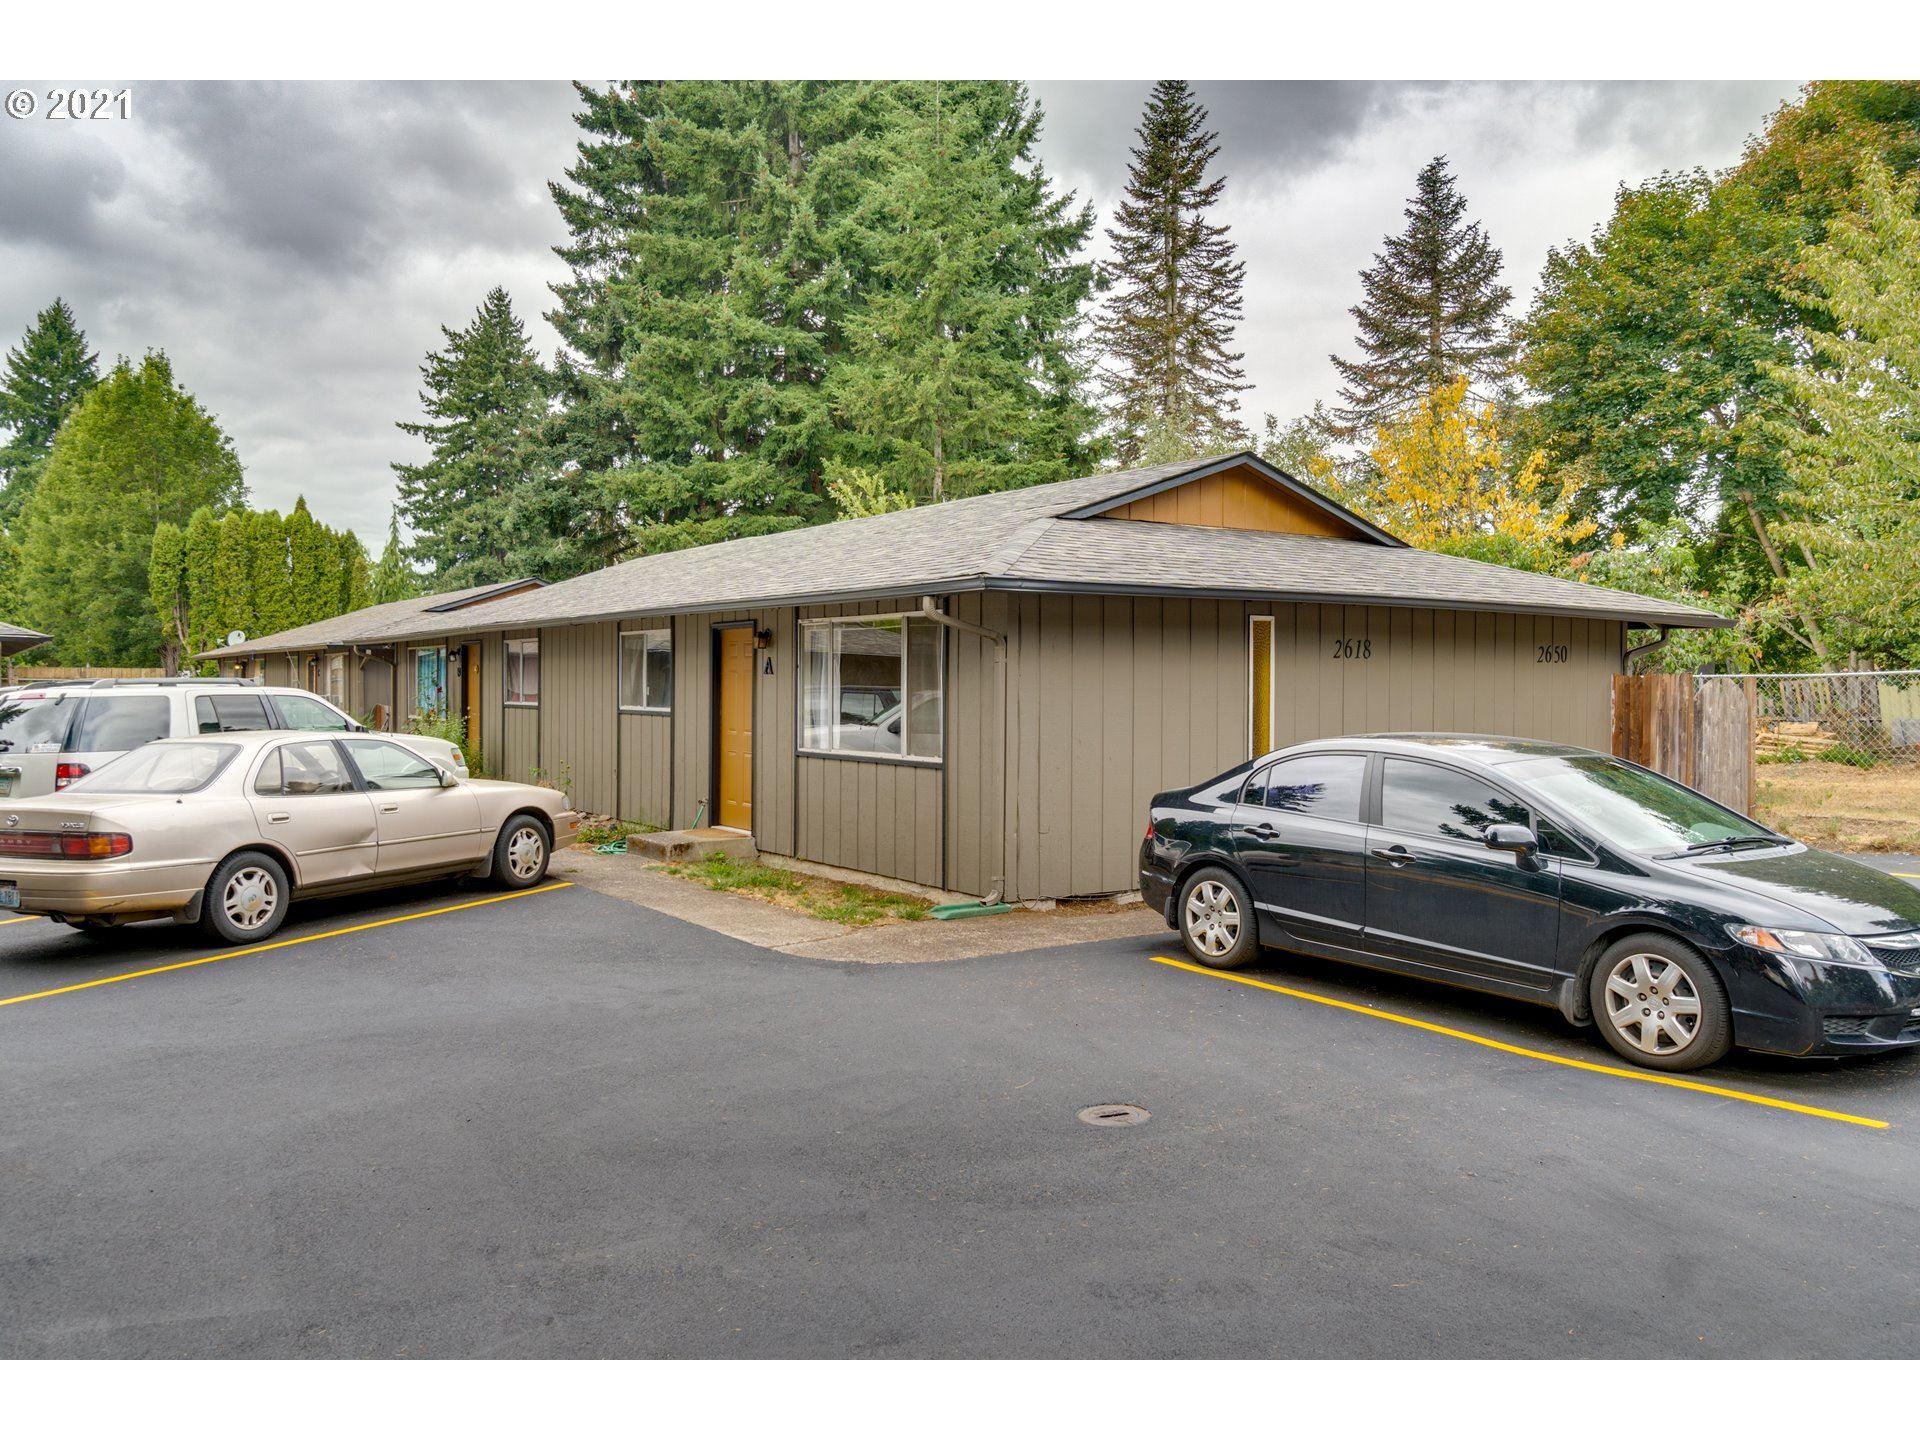 2650 NEALS LN, Vancouver, WA 98661 - MLS#: 21034358